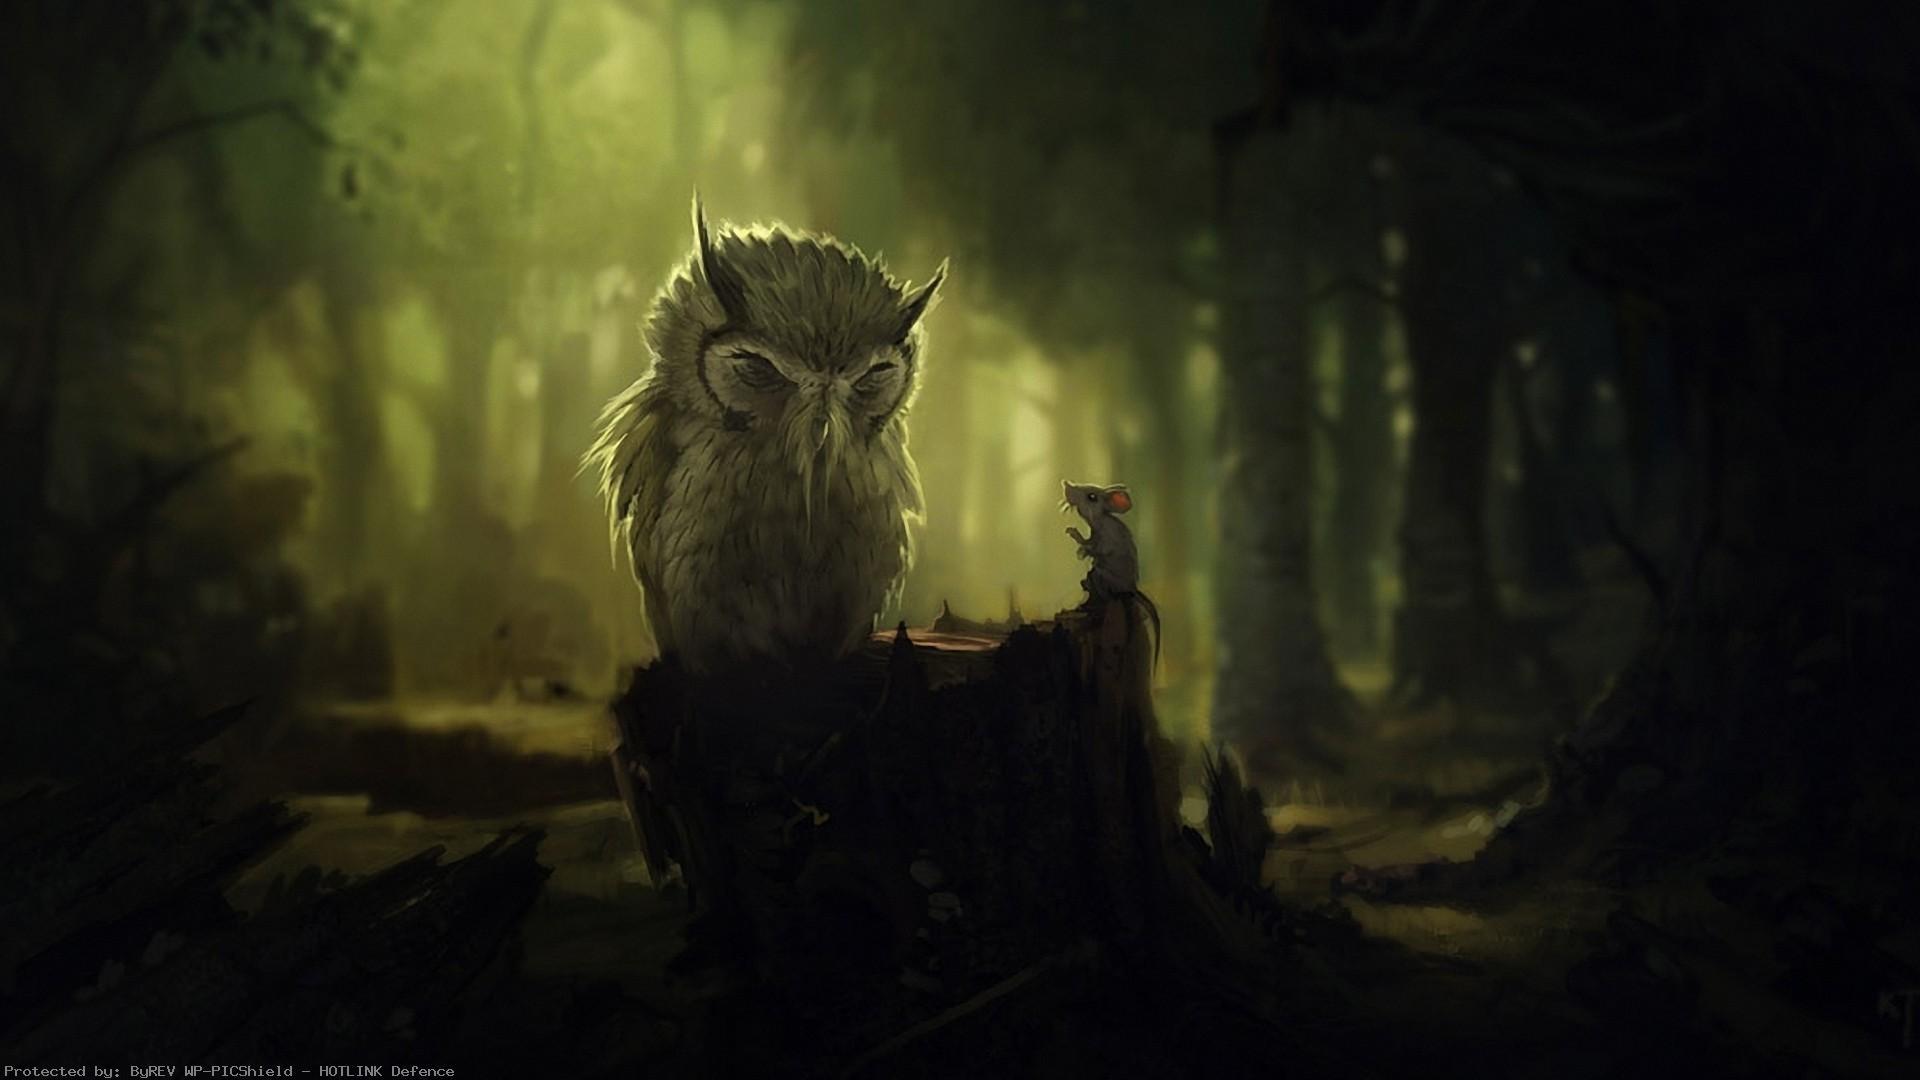 fantasy-art-hd-Forest-Birds-Fantasy-Art-Owls-